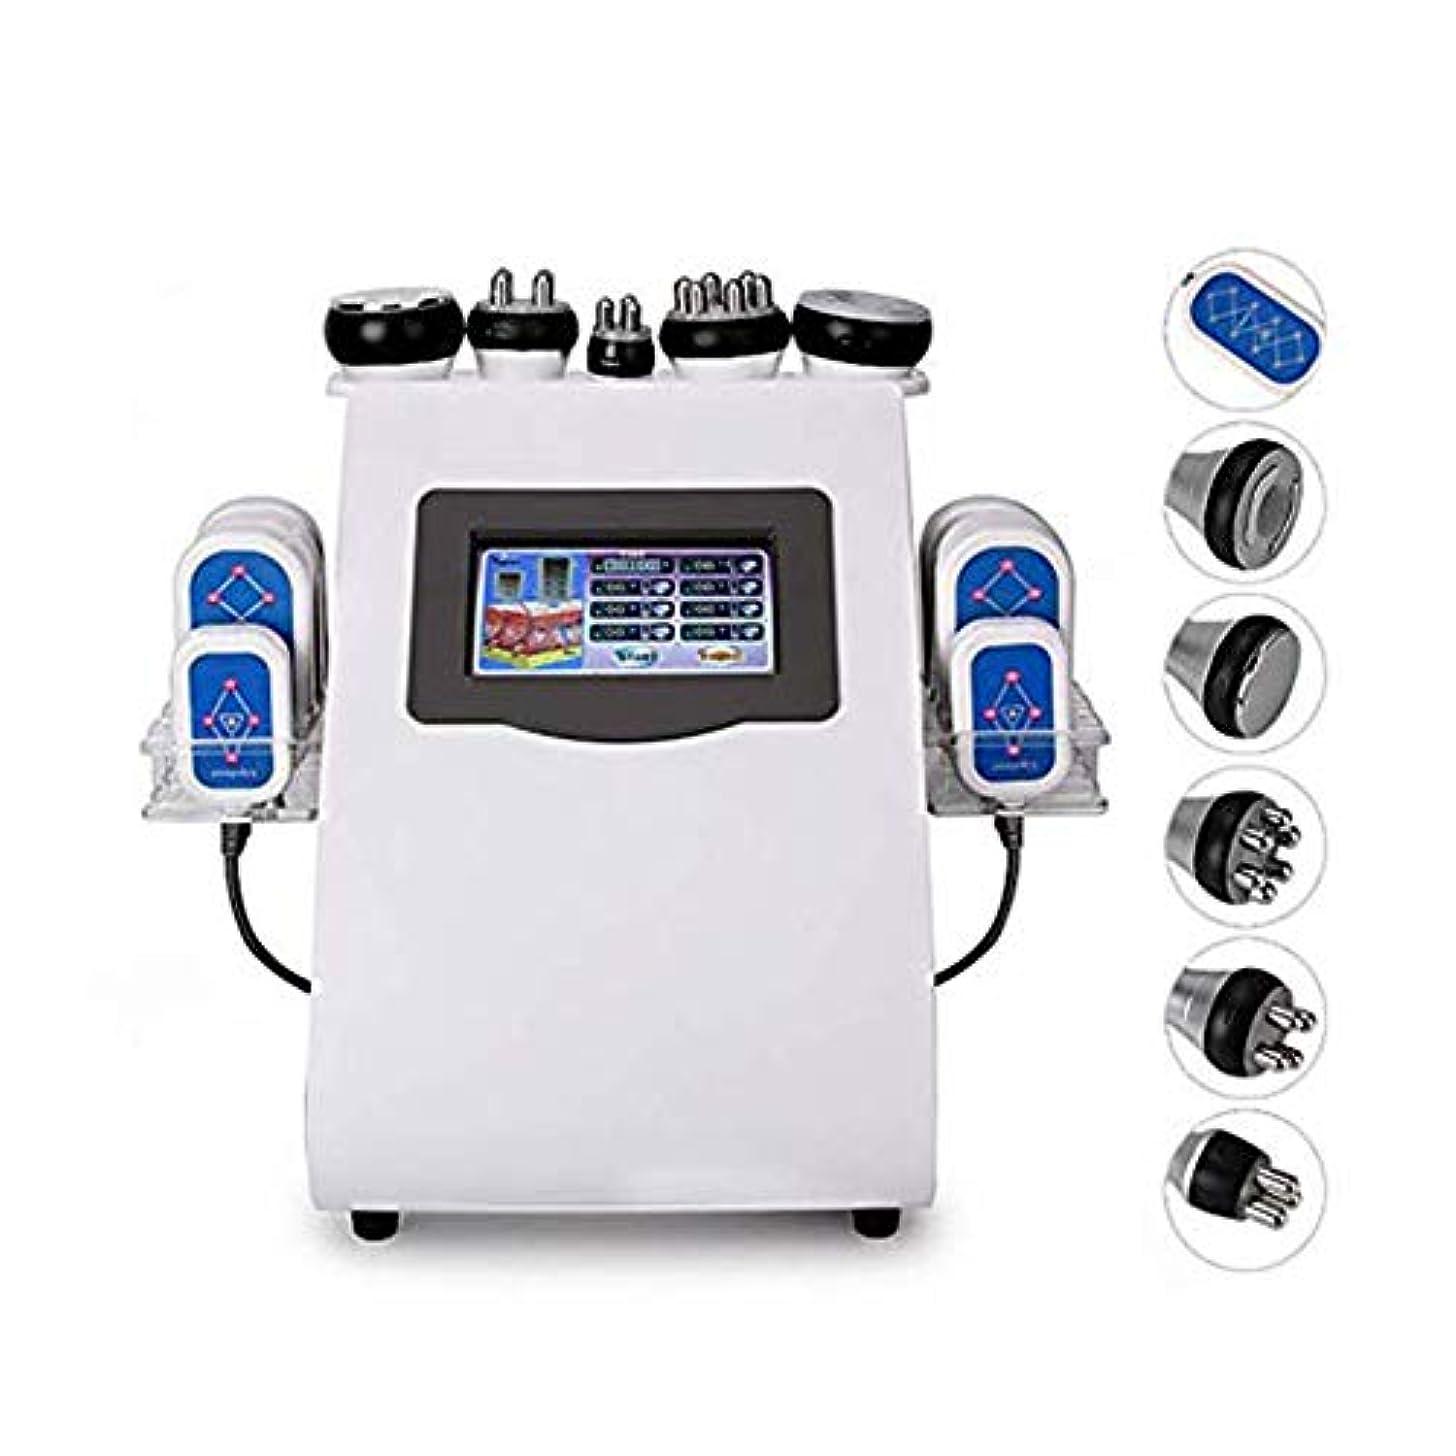 サーマルビルマ祈る超音波キャビテーション抗セルライトネガティブボディ痩身マシン、脂肪燃焼と無線周波数アンチエイジングスキンリフティング引き締めしわ美容機器の除去